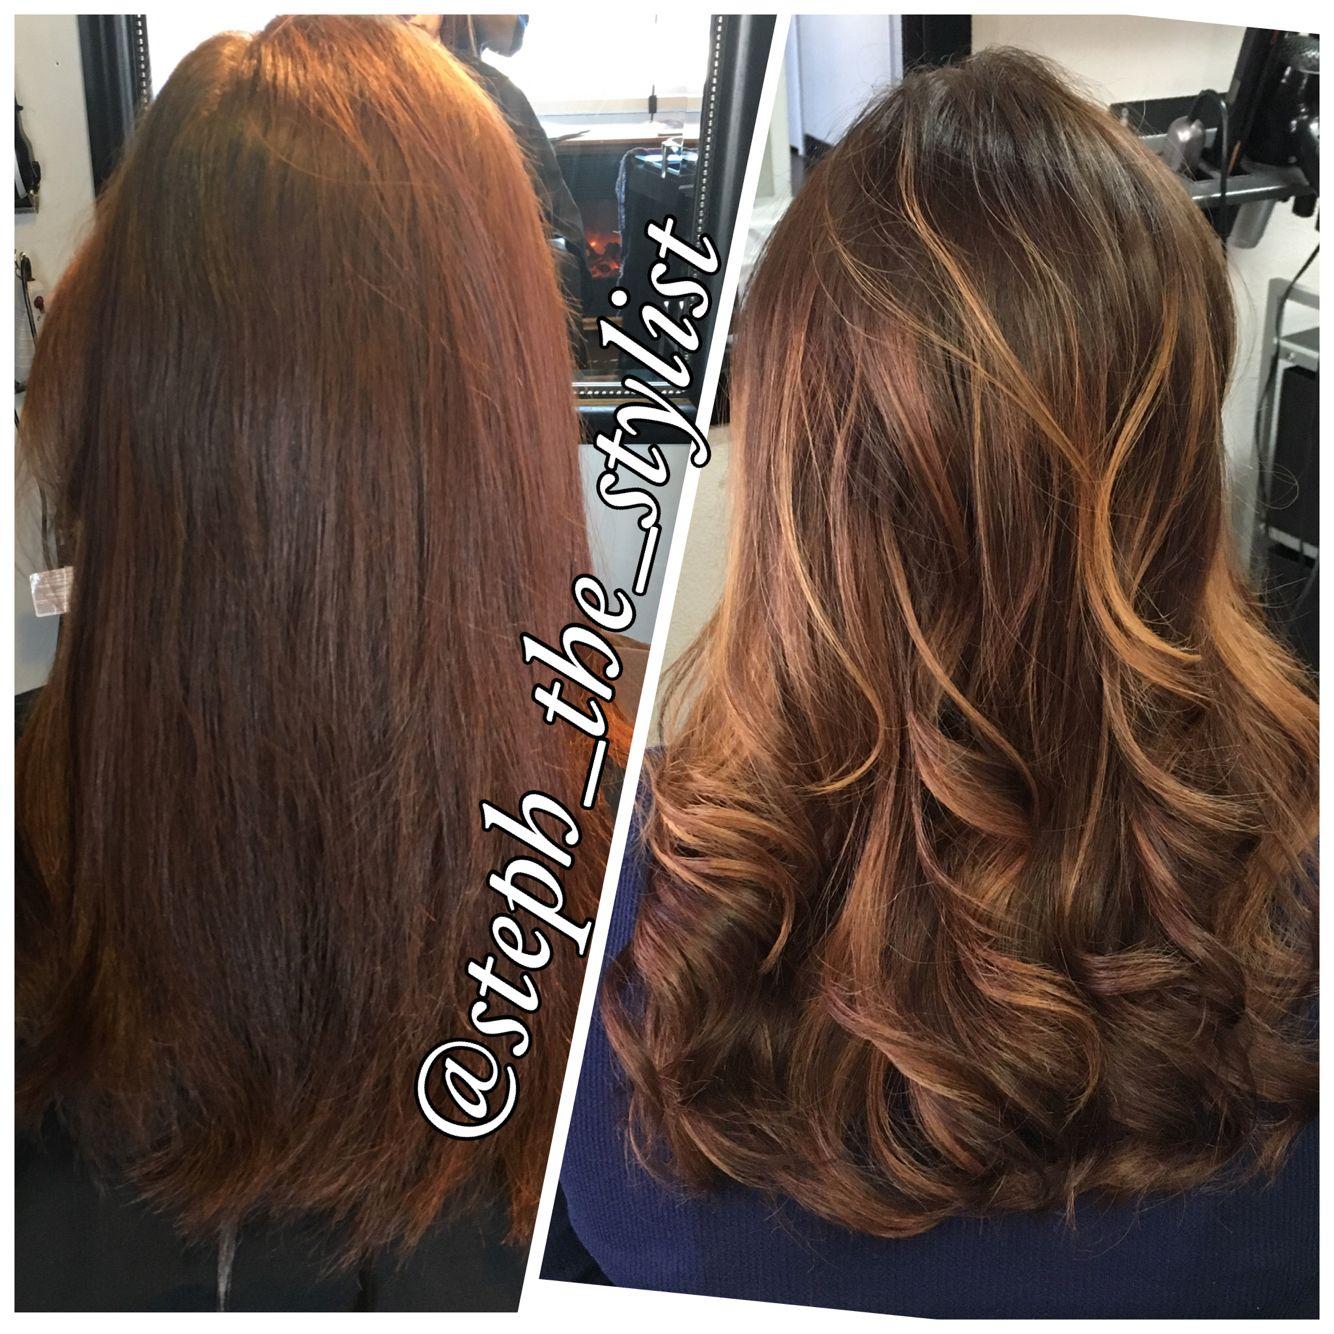 Balayaged Hair Using 5cm Chi Ionic Haircolor And Sunglitz Hair By